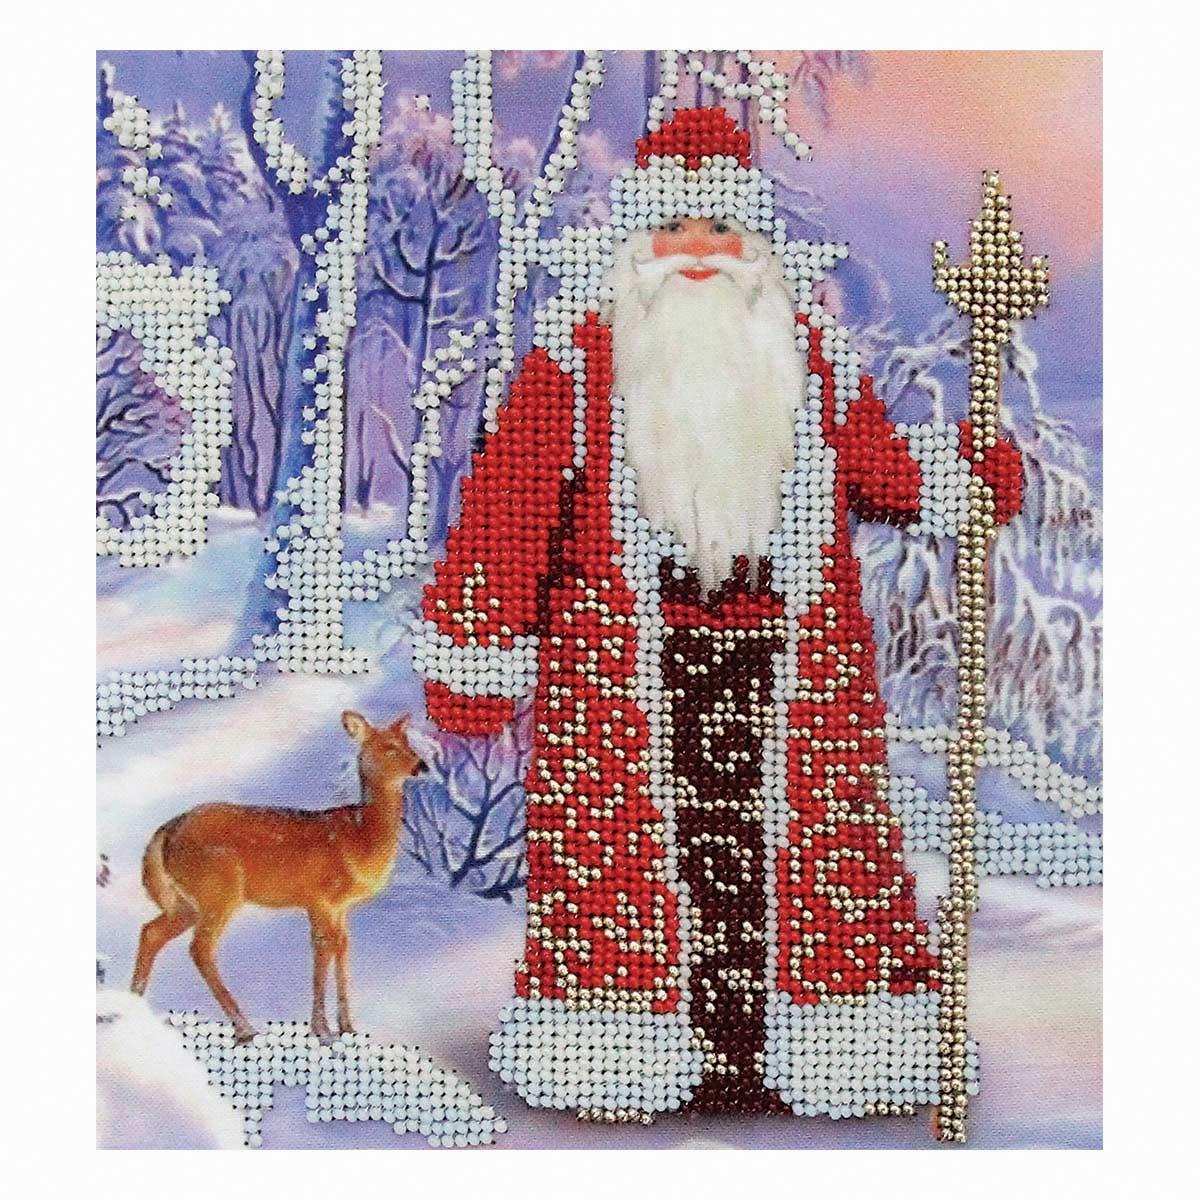 Б-0112 Набор для вышивания бисером 'Бисеринка' 'Дедушка Мороз', 17,5*19 см